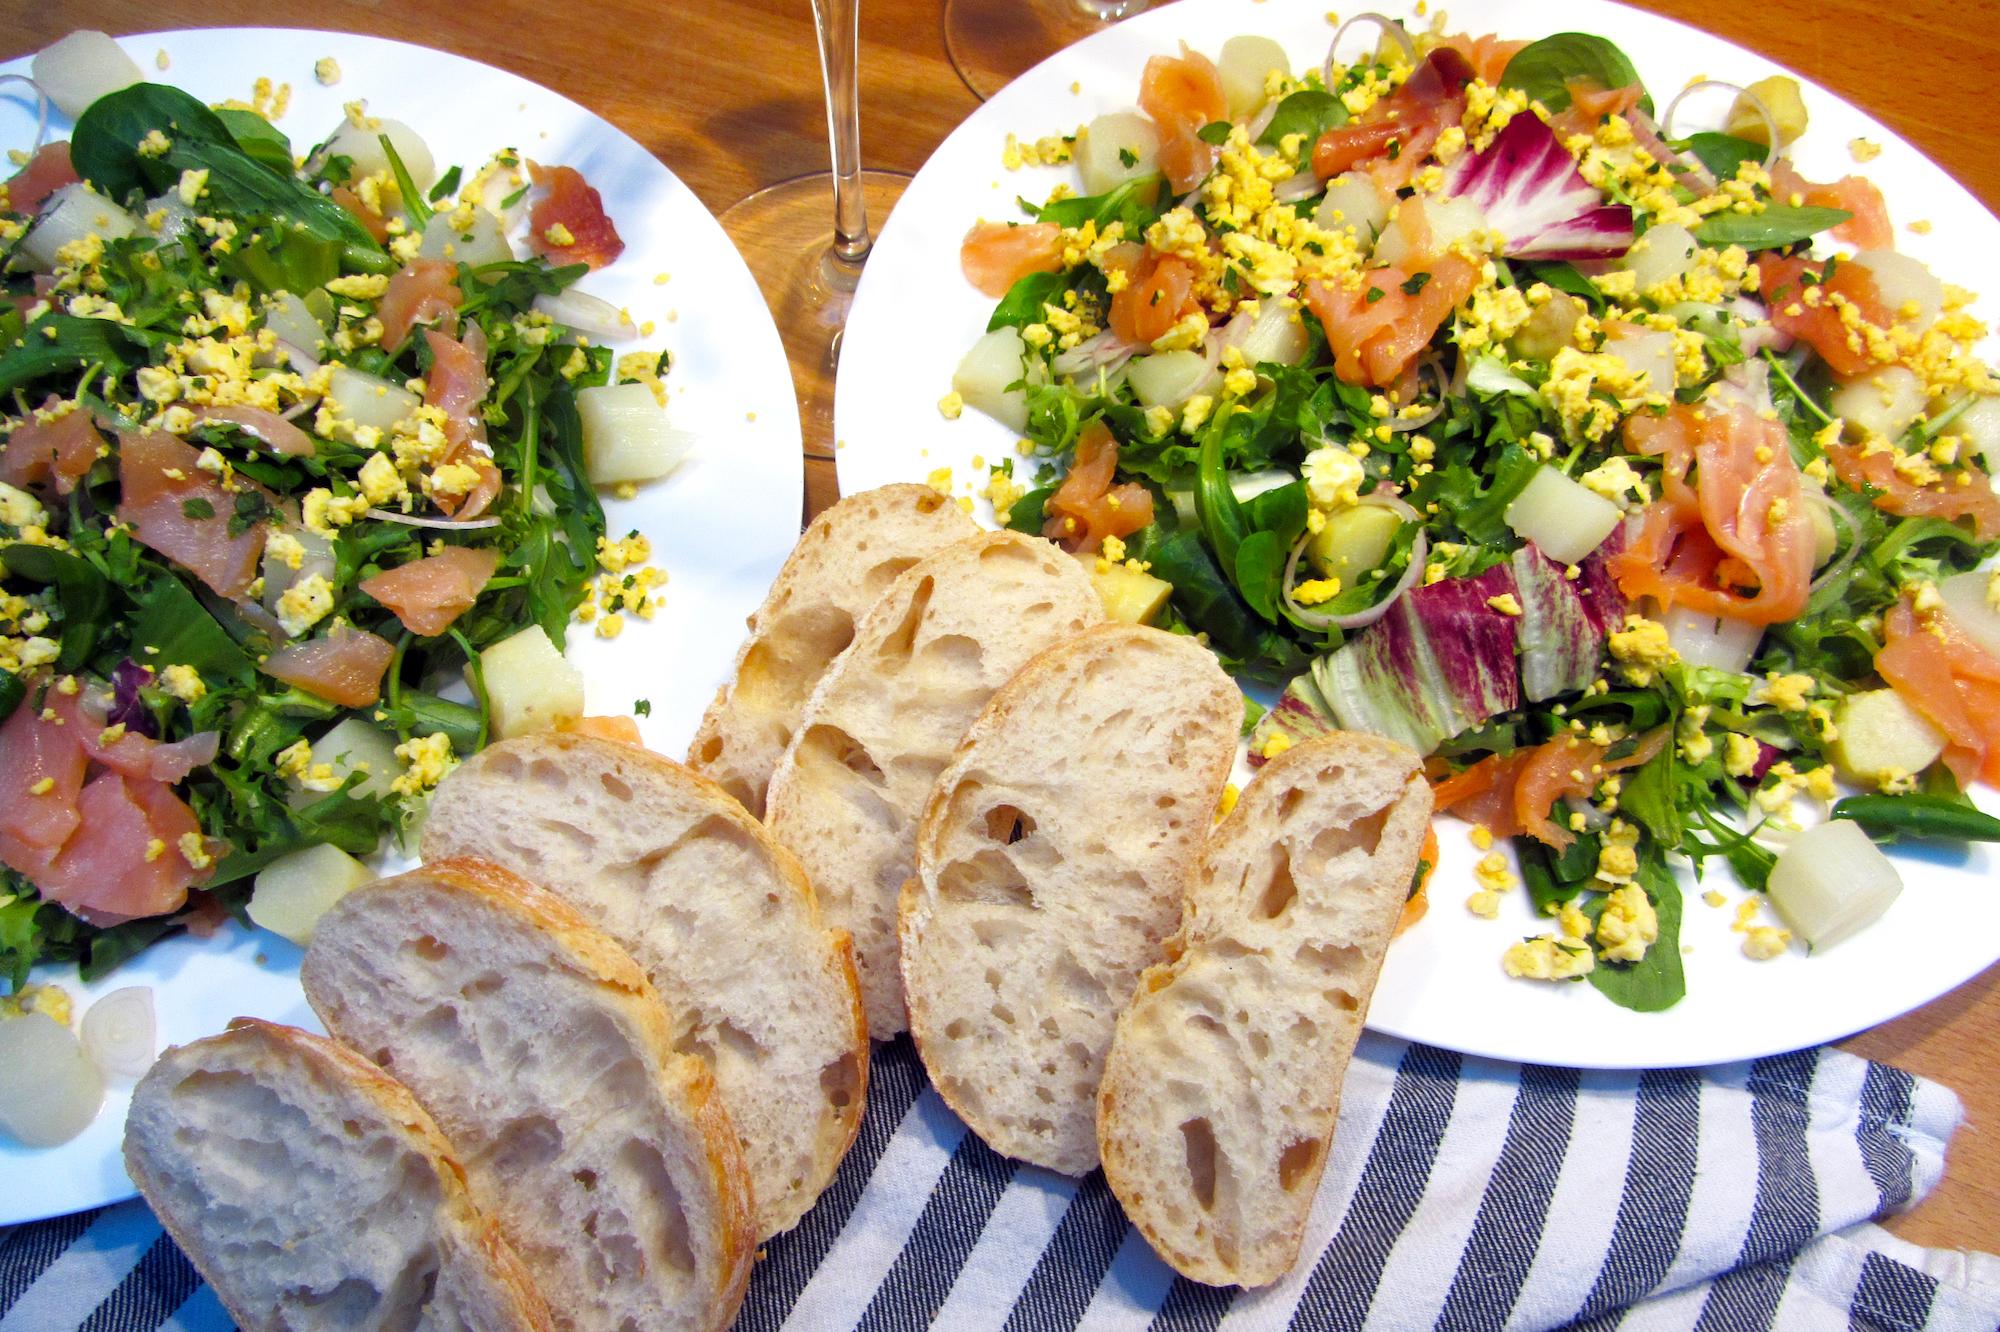 Lauwe salade met gerookte zalm en asperges